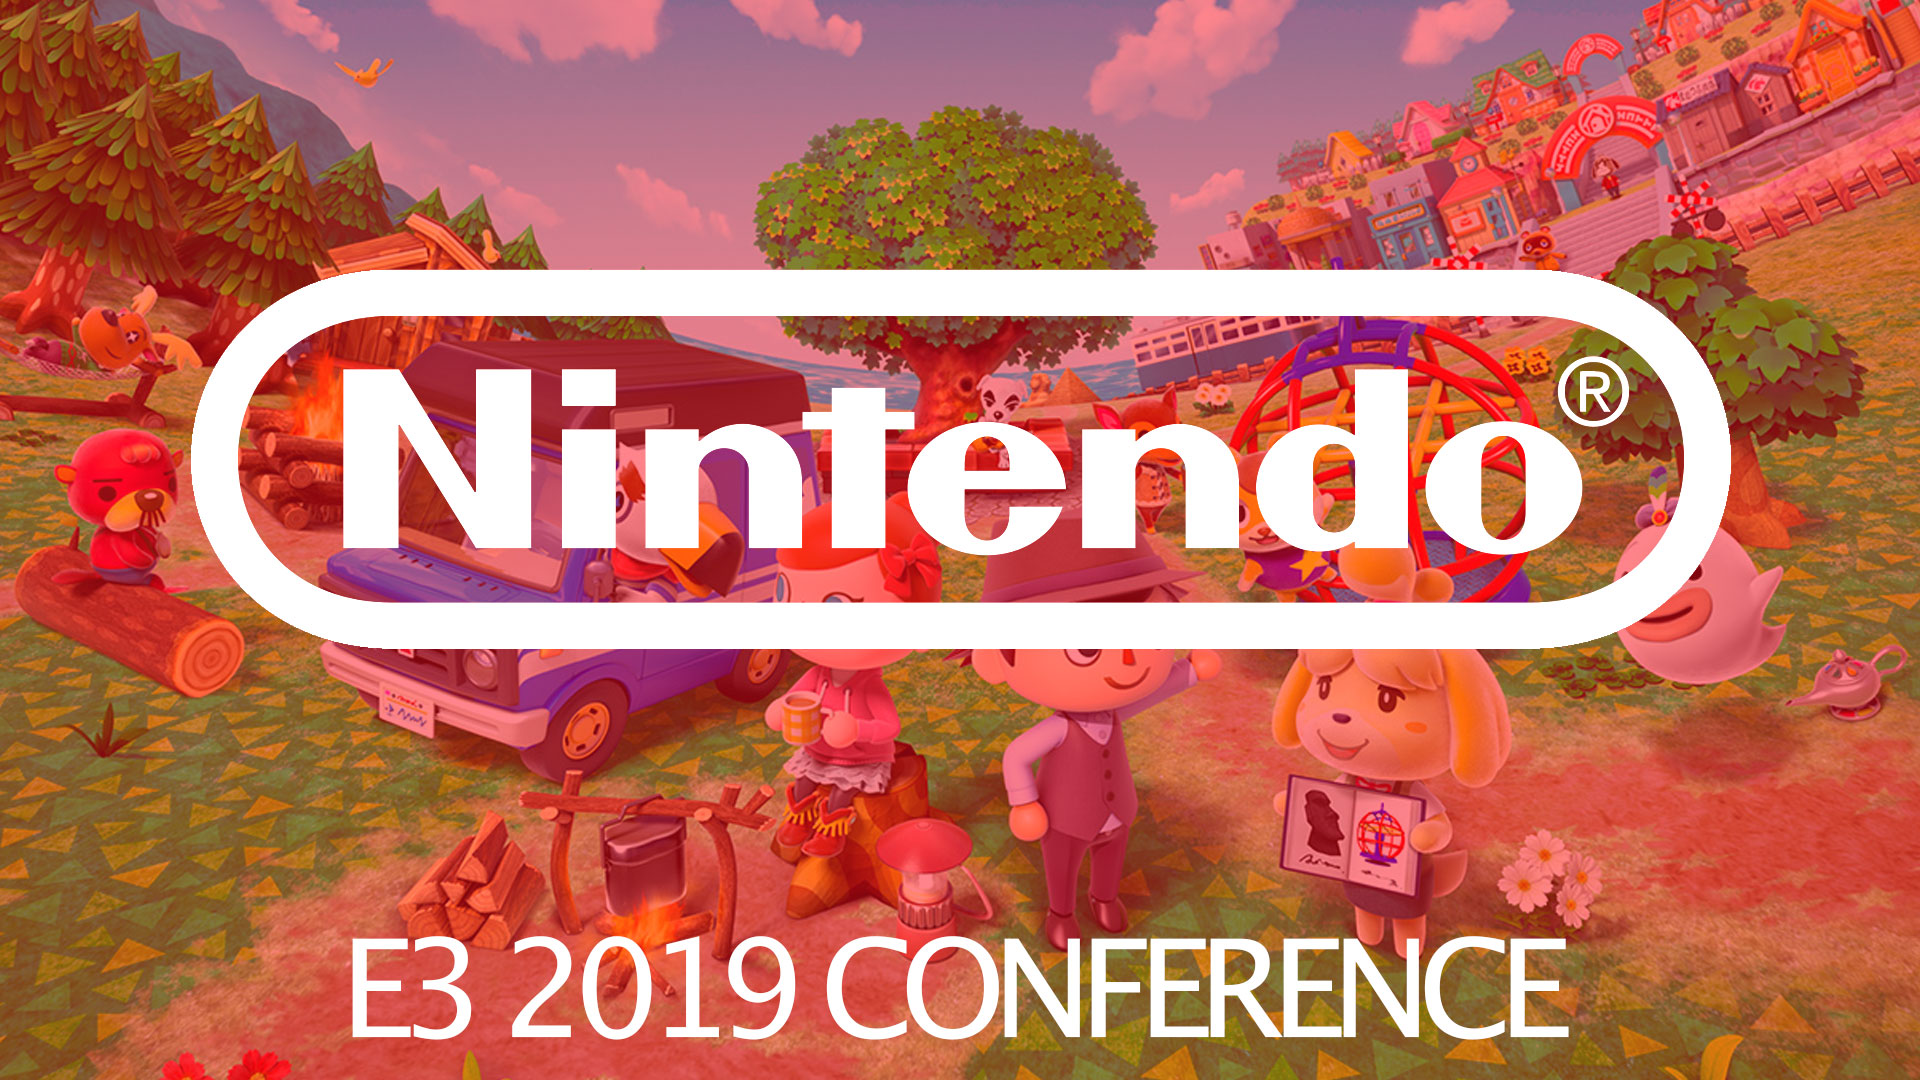 Immagine annuncio conferenza Nintendo